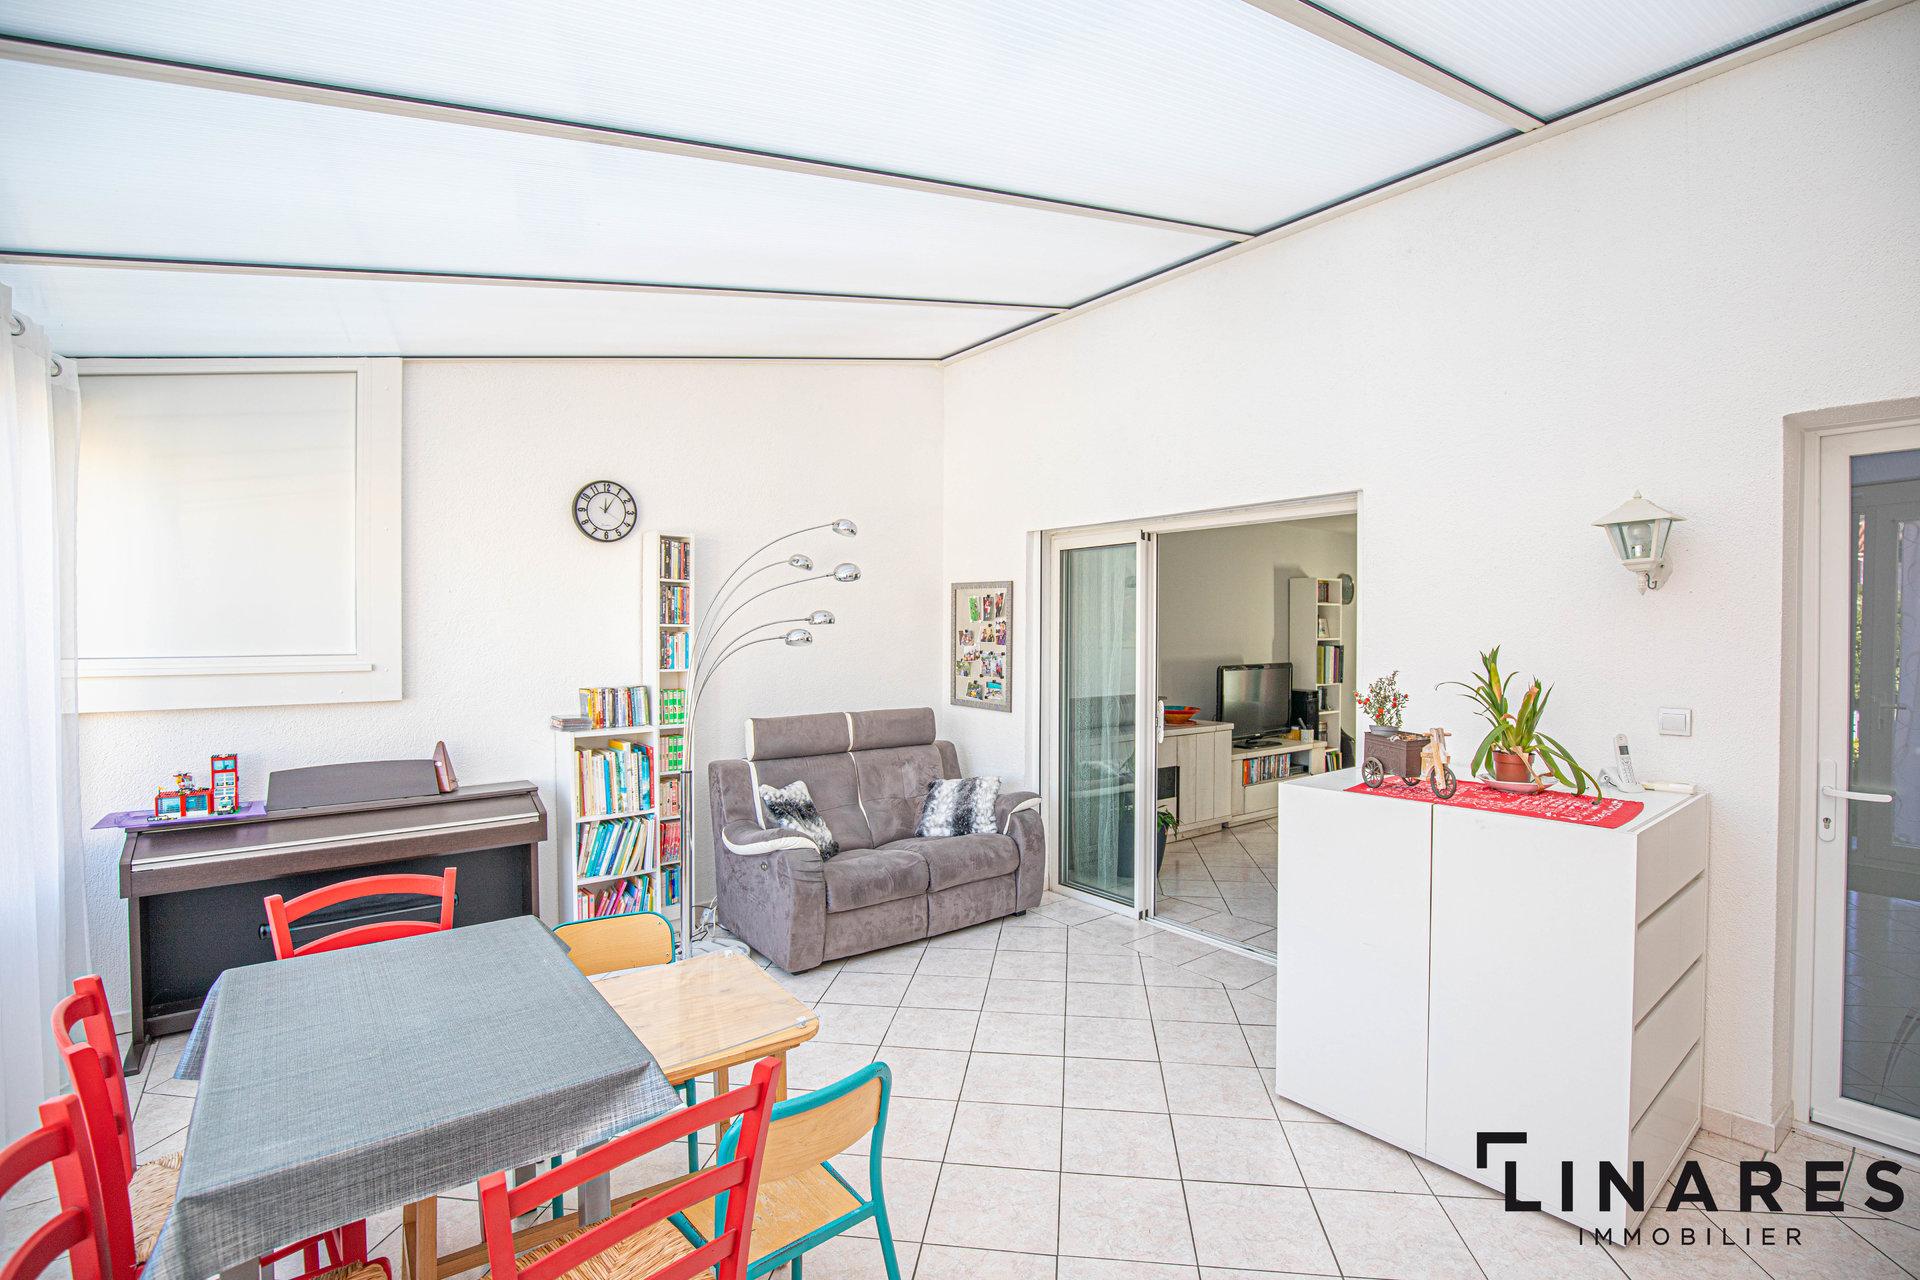 Vendita Casa - Allauch